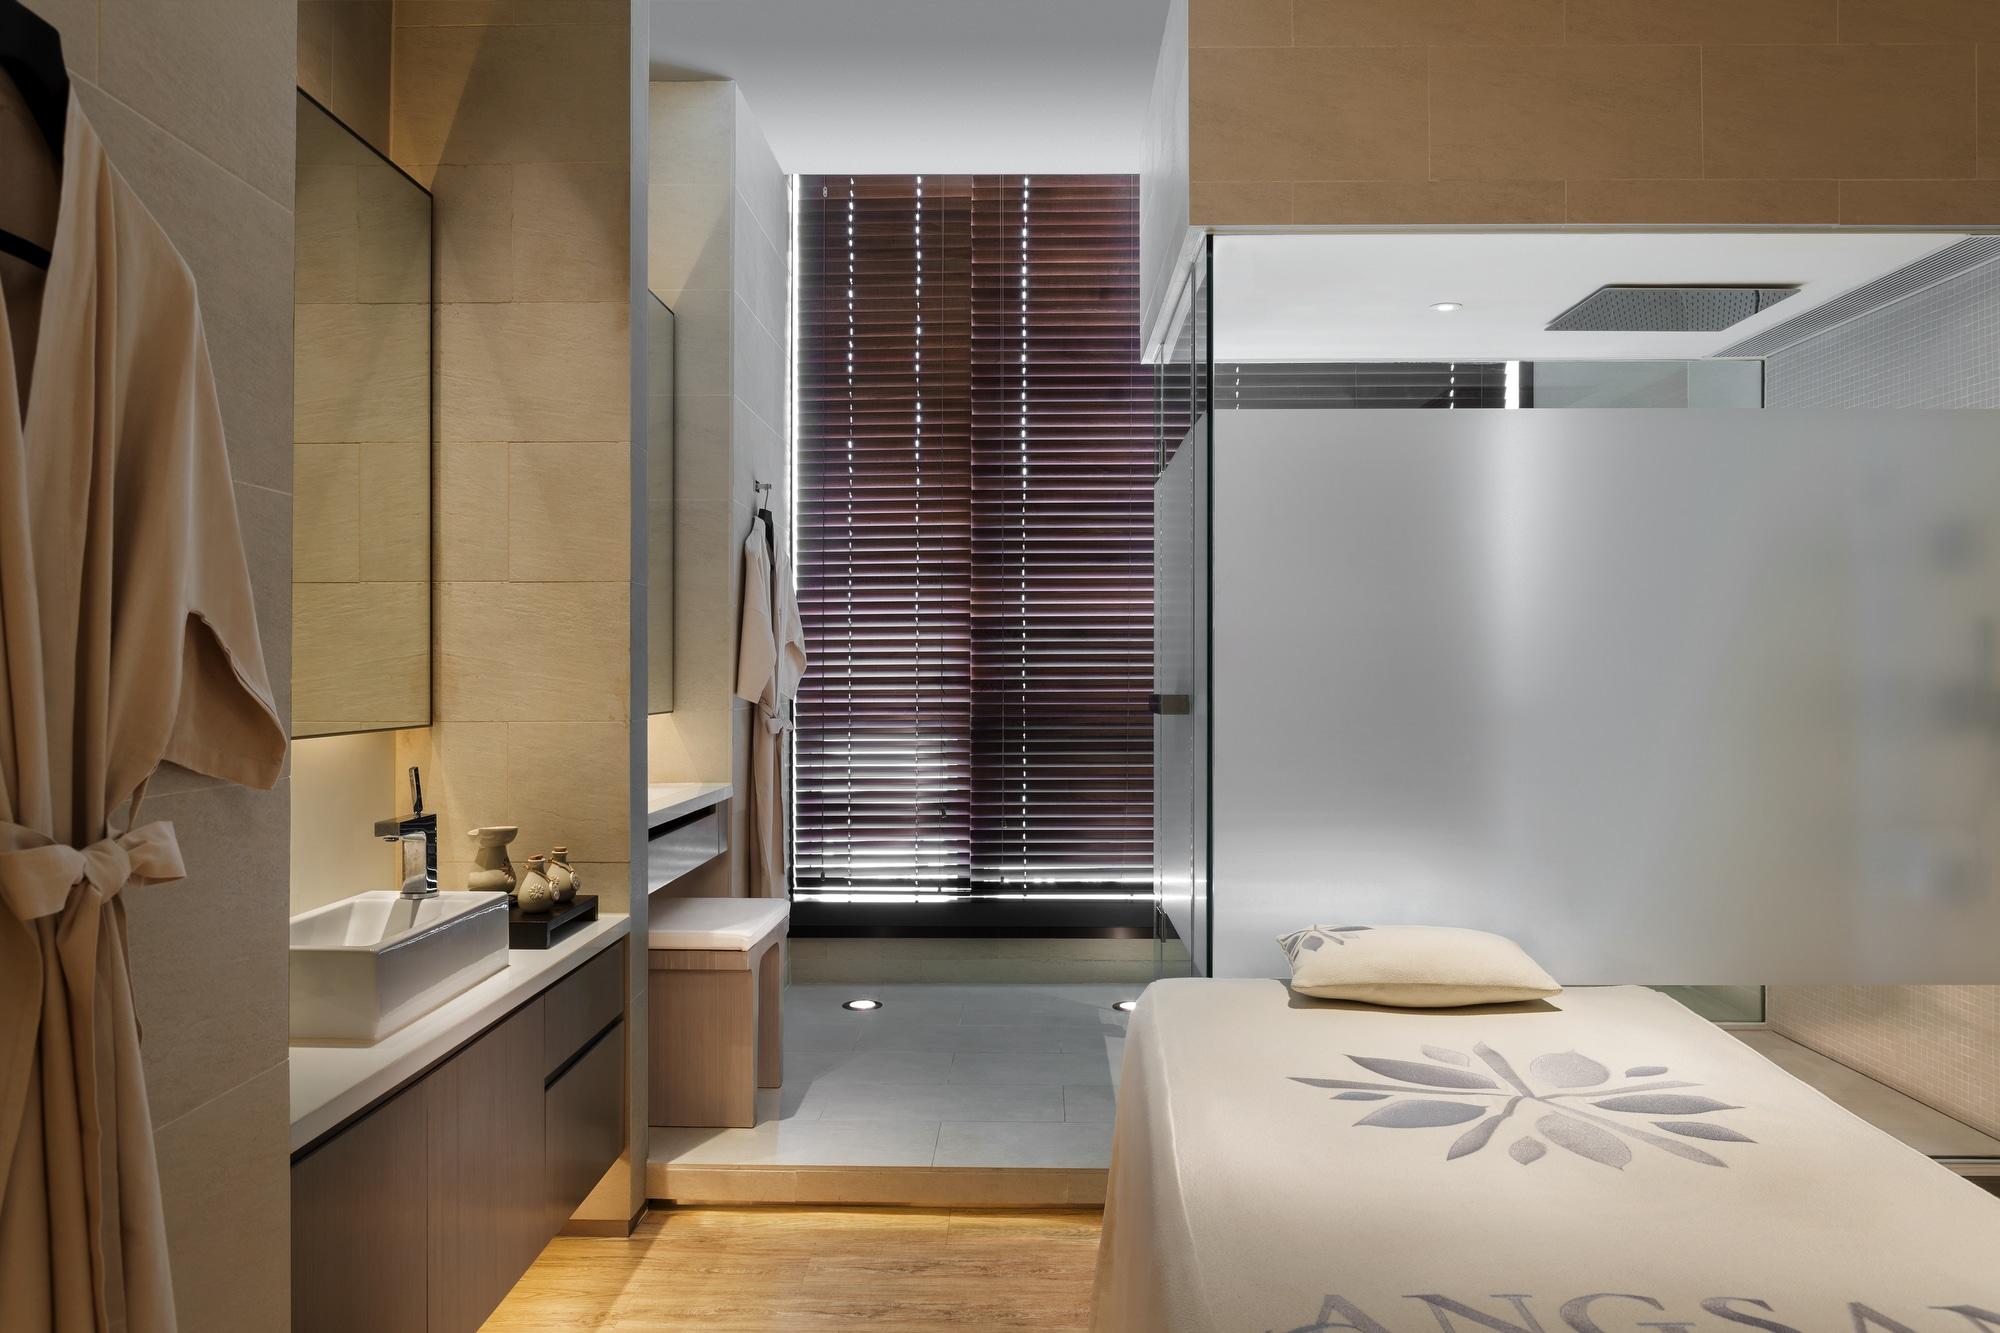 A single treatment room interior at Angsana Spa inside Hotel Icon Hong Kong.